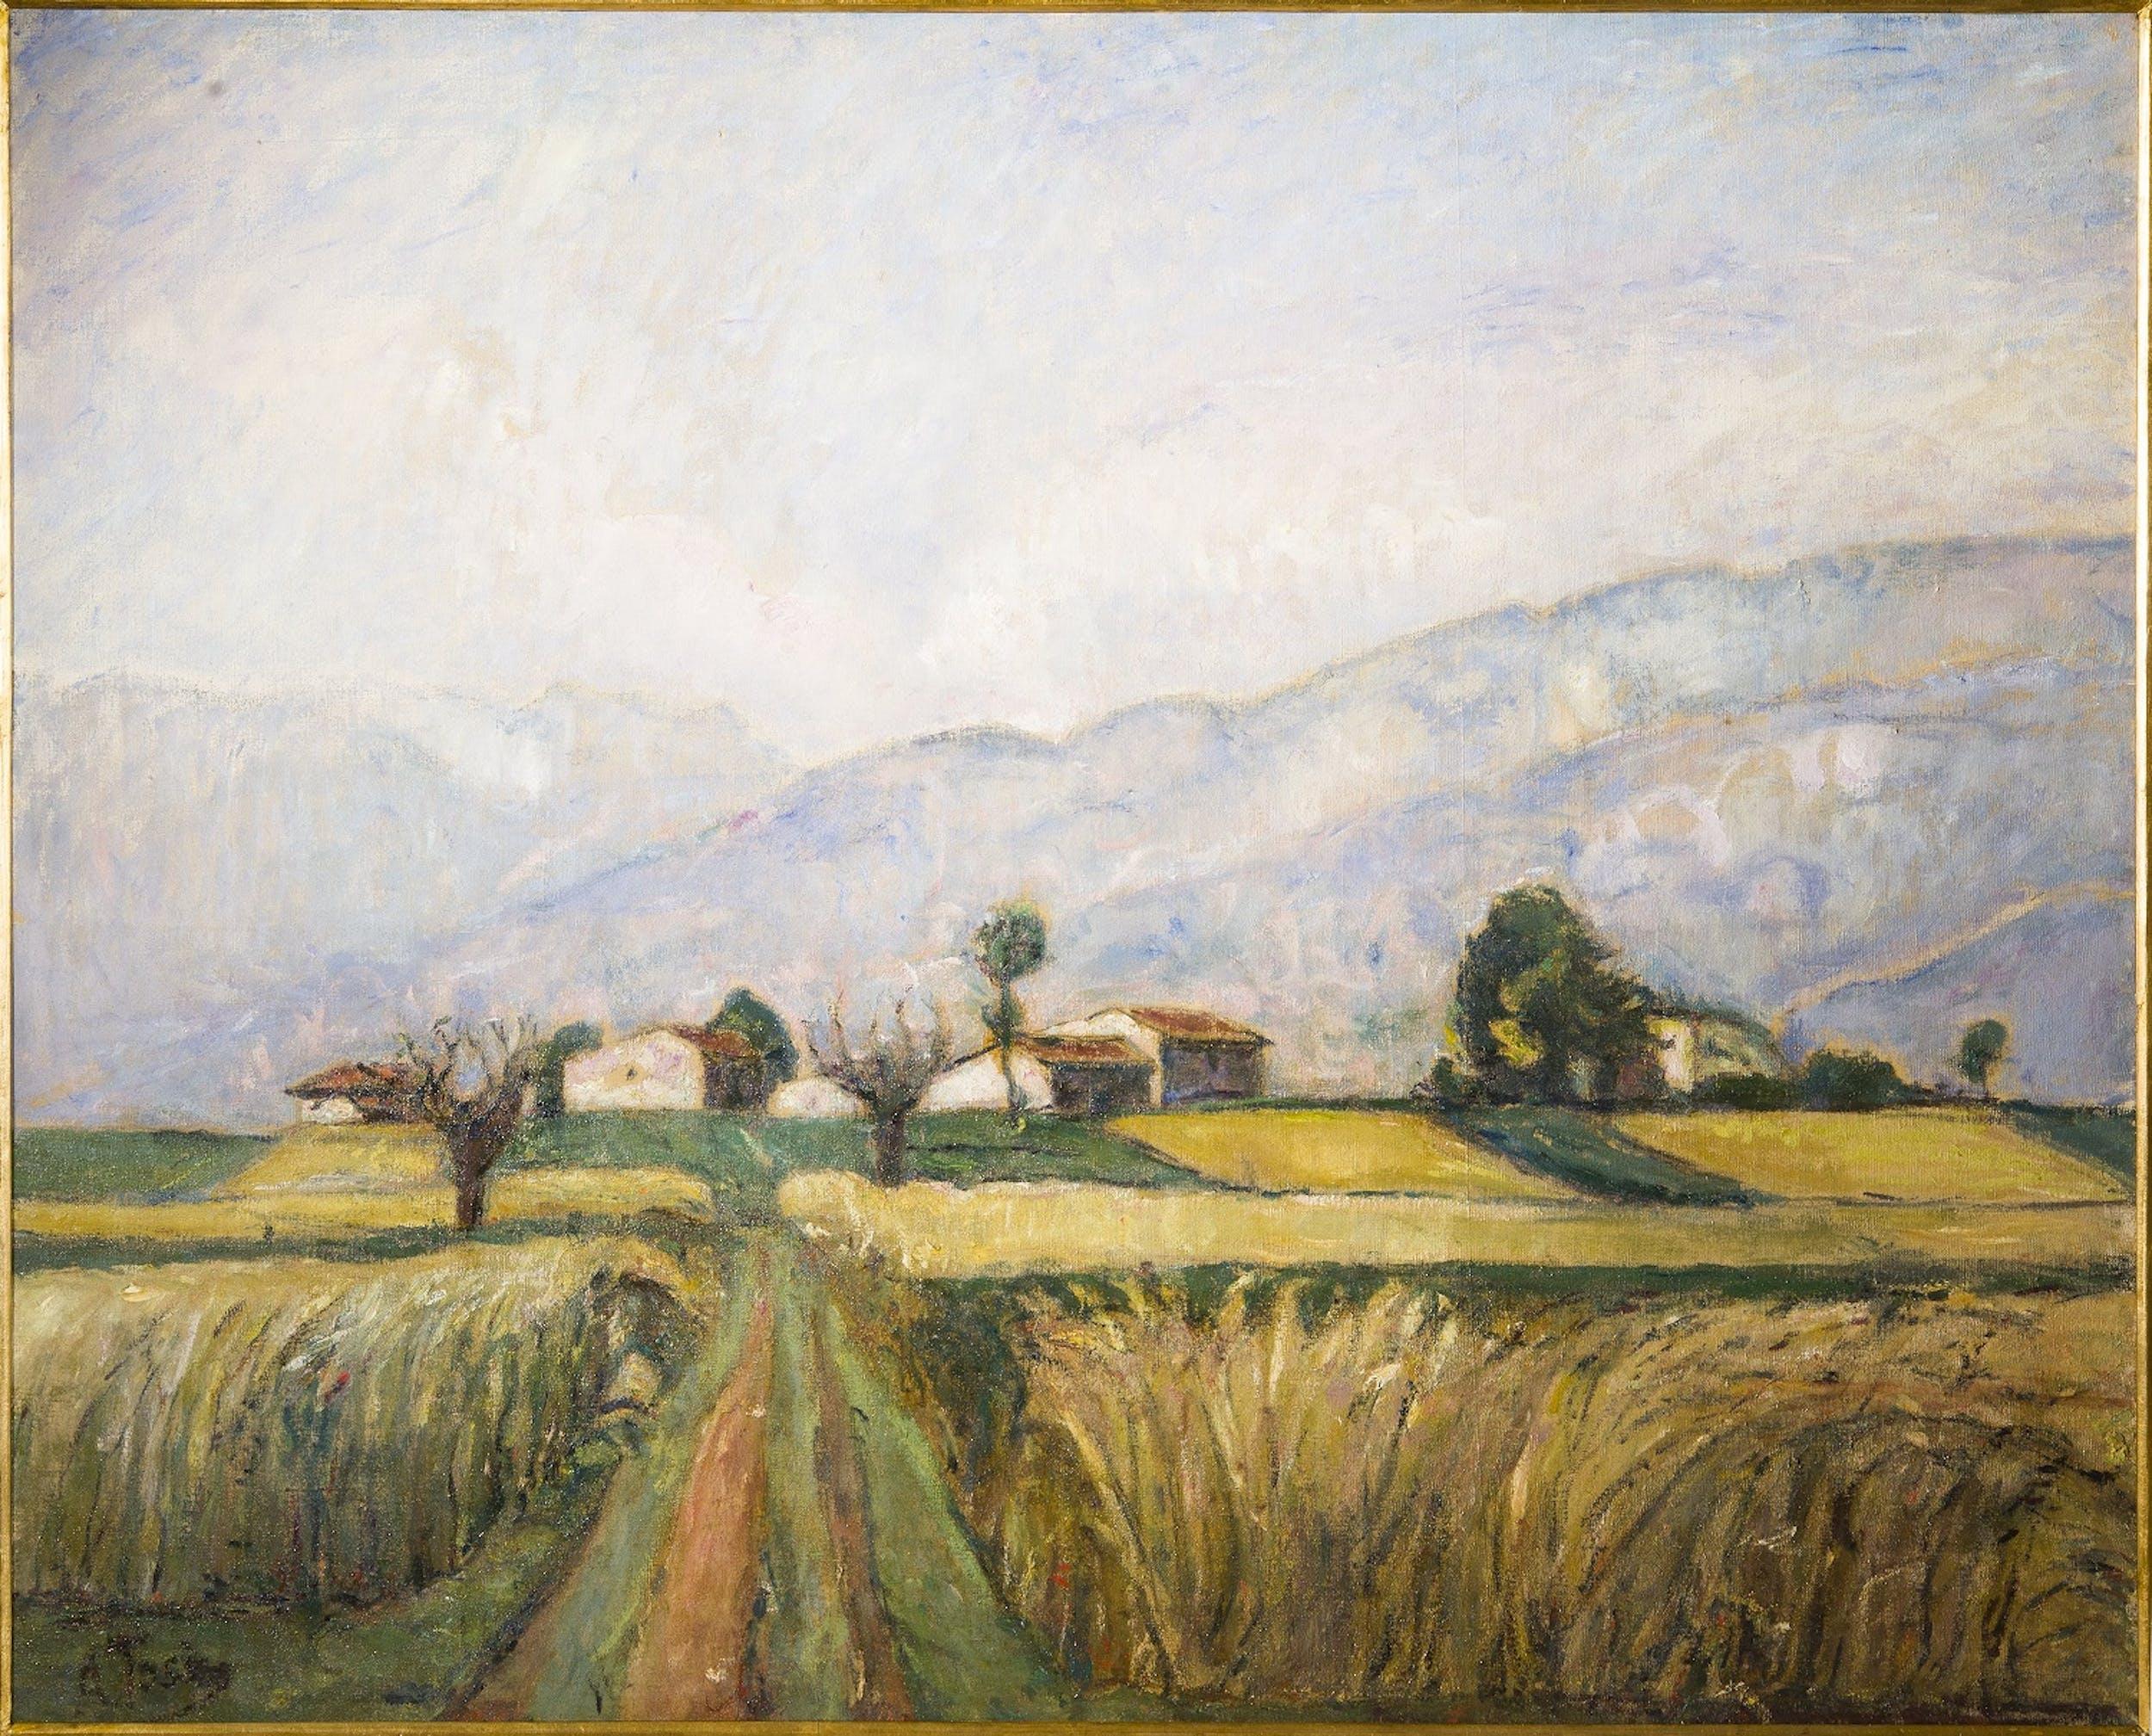 Arturo Tosi (Busto Arsizio, 1871 - Milano, 1956), La messe, 1926, Galleria d'arte moderna di Palazzo Pitti